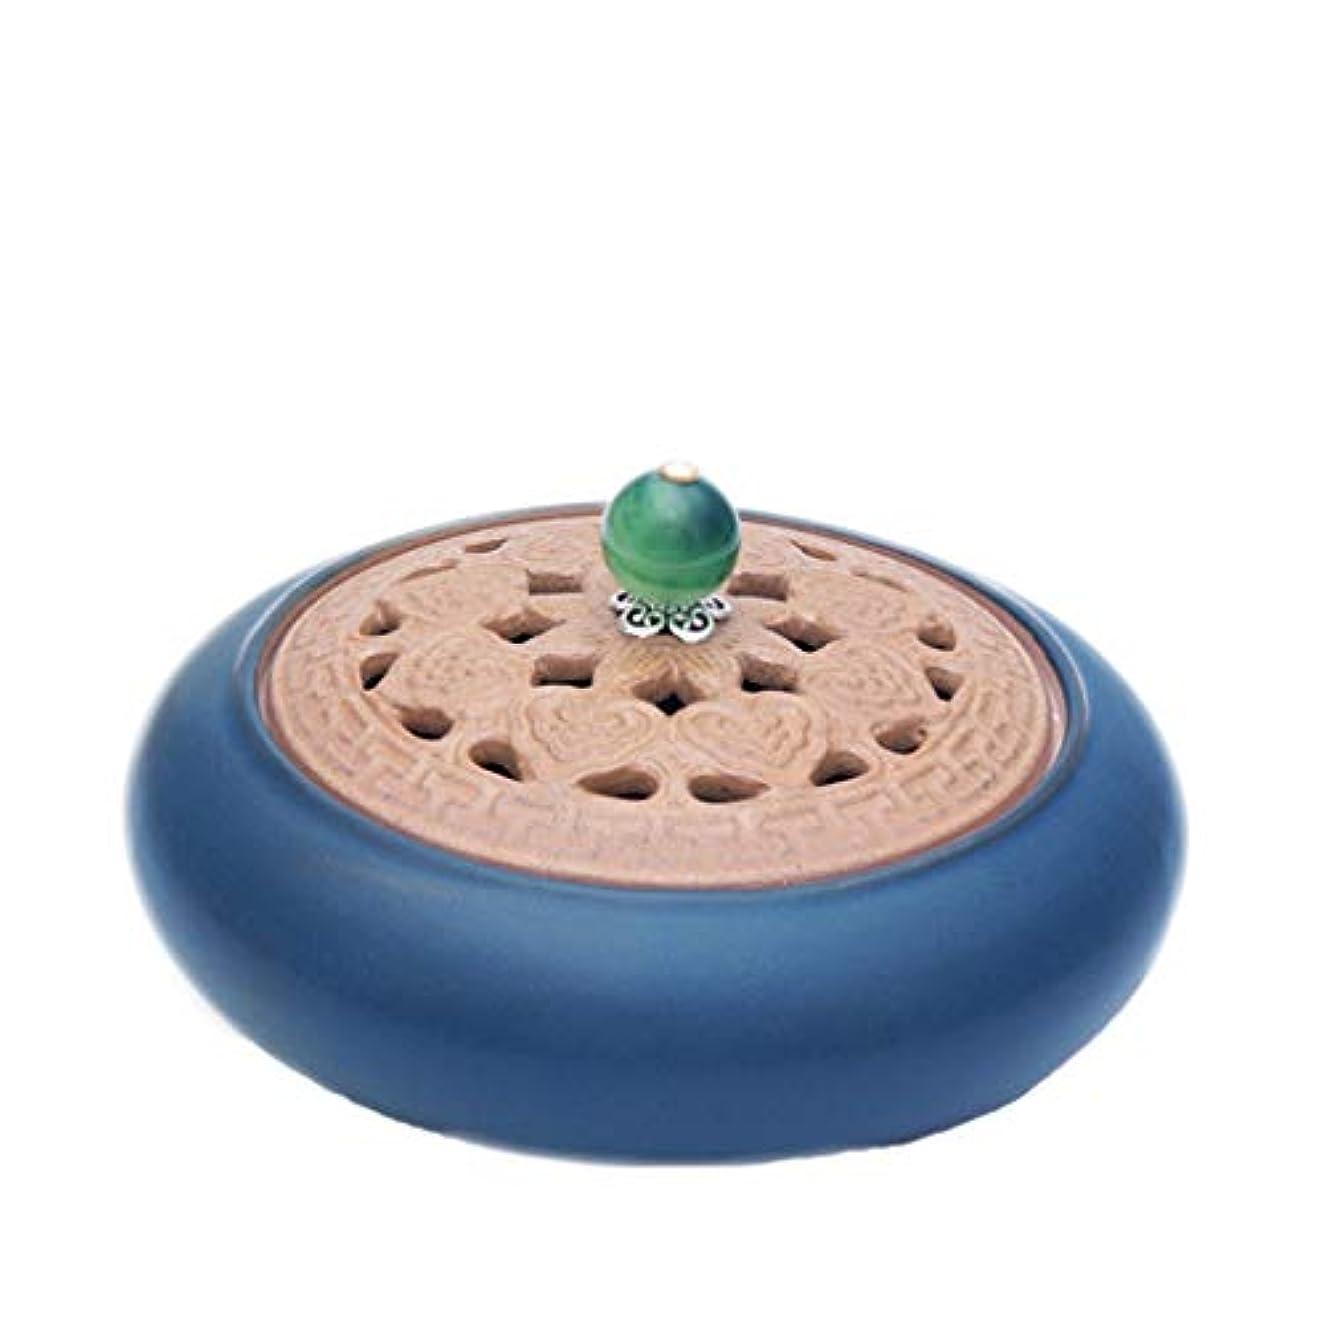 割るポジションゾーン芳香器?アロマバーナー アンティークセラミック小さな香バーナーホームインドアガーウッドハース香純粋な銅白檀炉アロマテラピー炉 アロマバーナー (Color : Green)